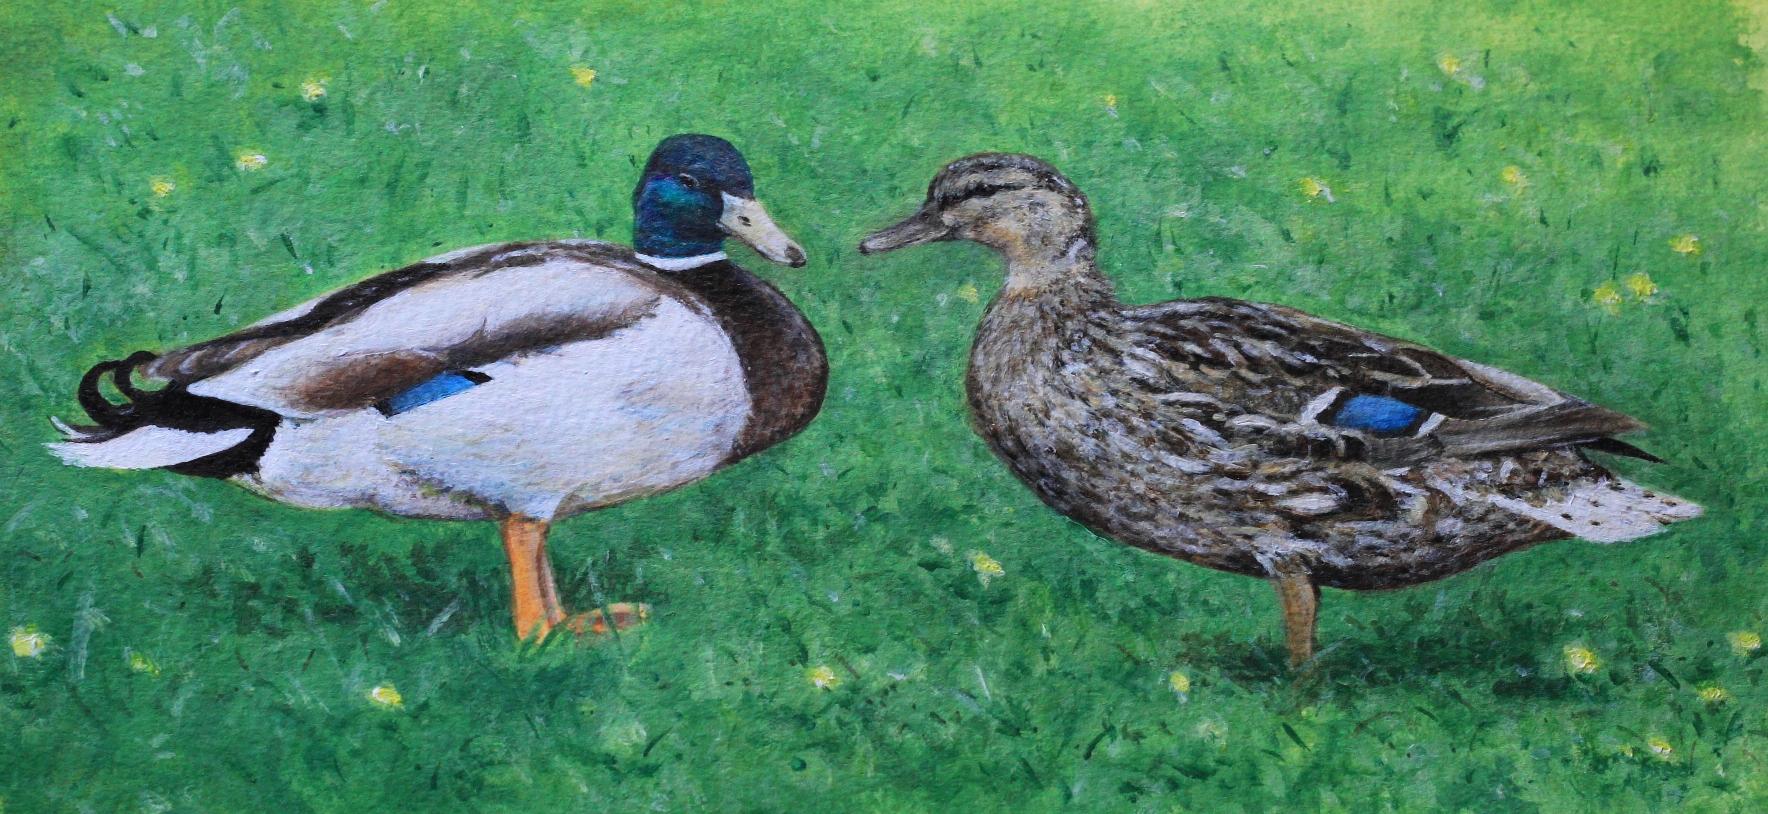 2 ducks.jpg